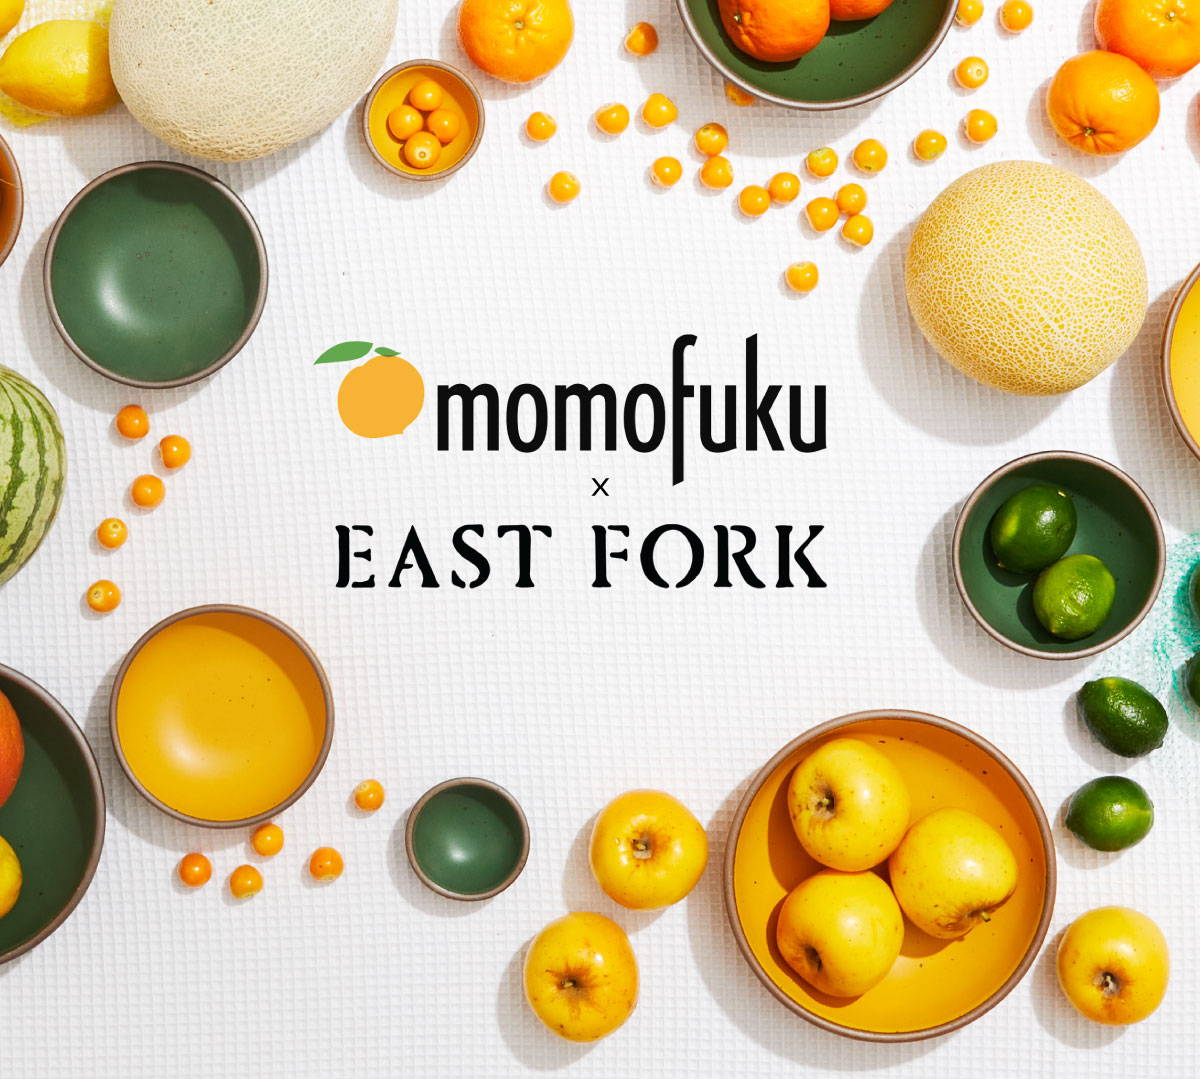 Momofuku x East Fork collaboration is back!